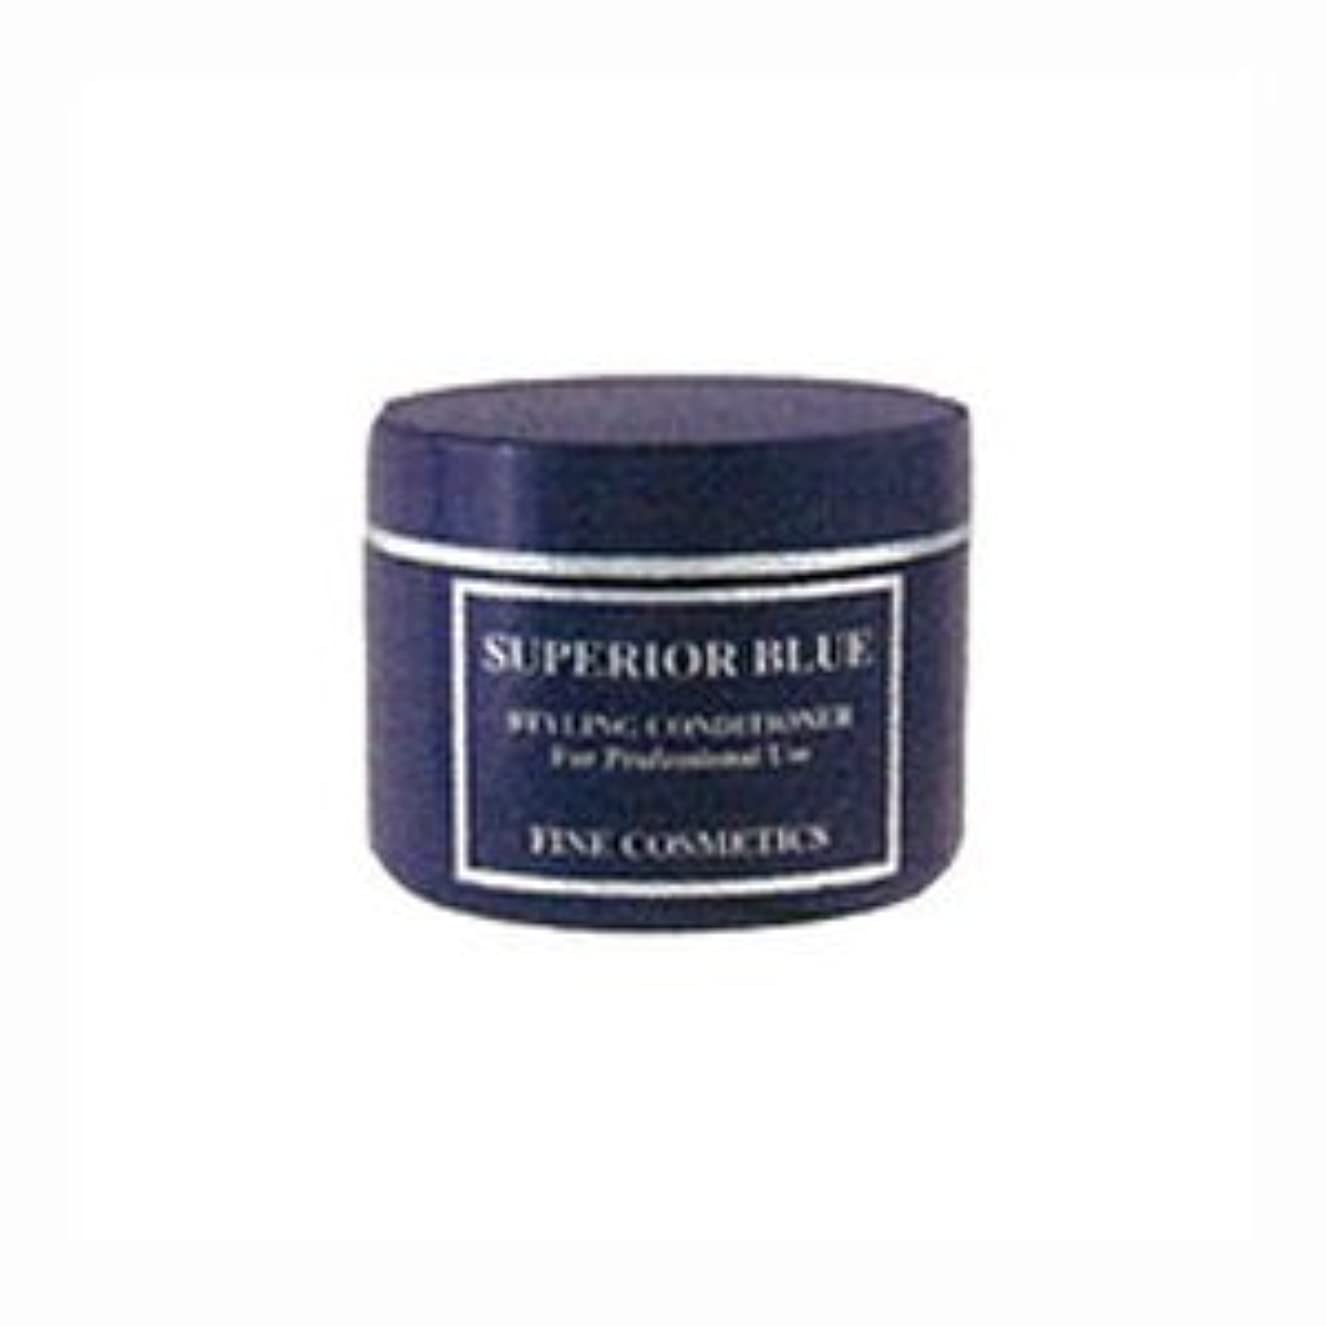 パーク石化する伝説【スタイリングコンディショナー】SURERIOR BLUE スペリオブルー (100g)